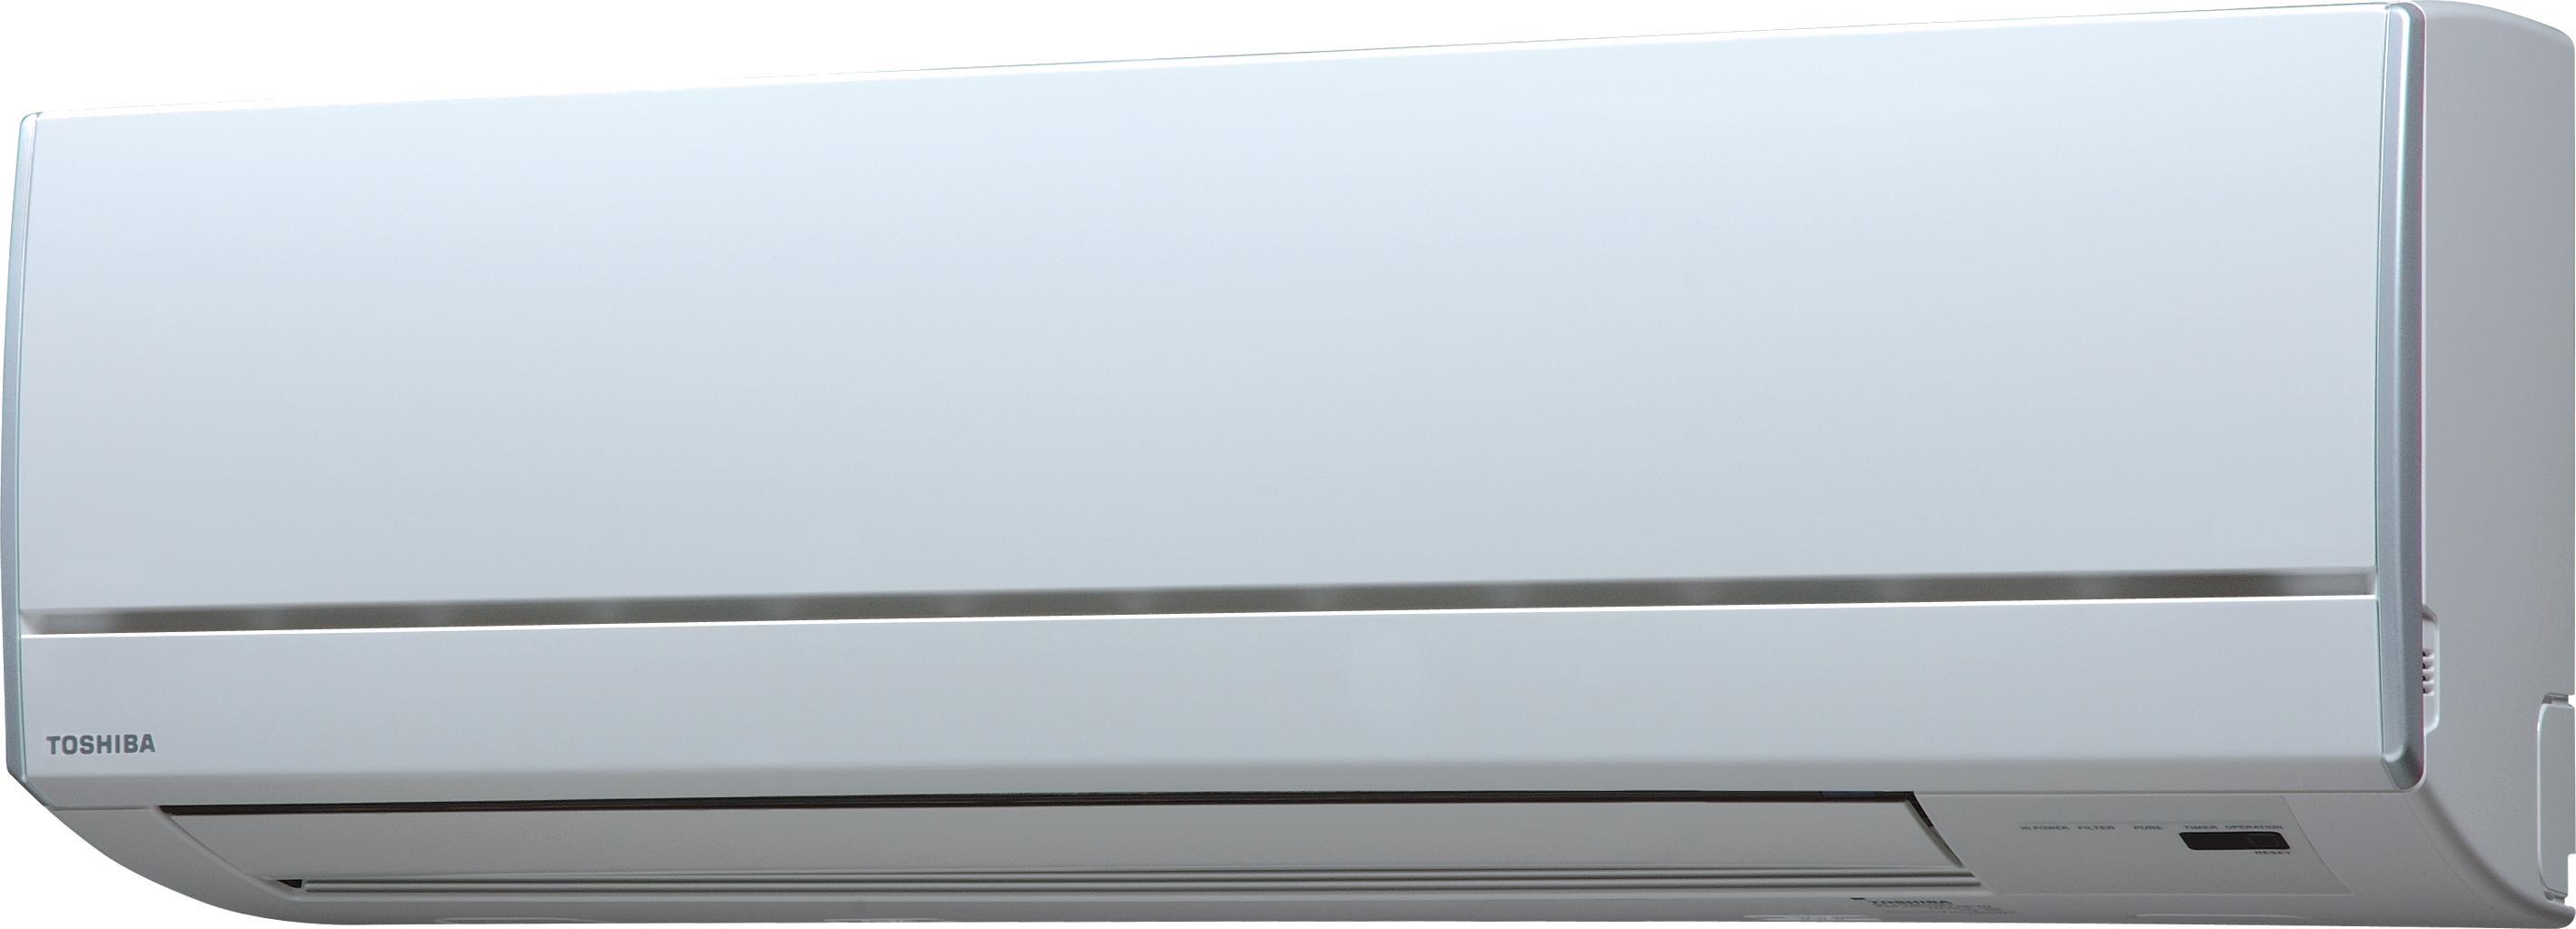 Toshiba RAS-24SKHP-ES